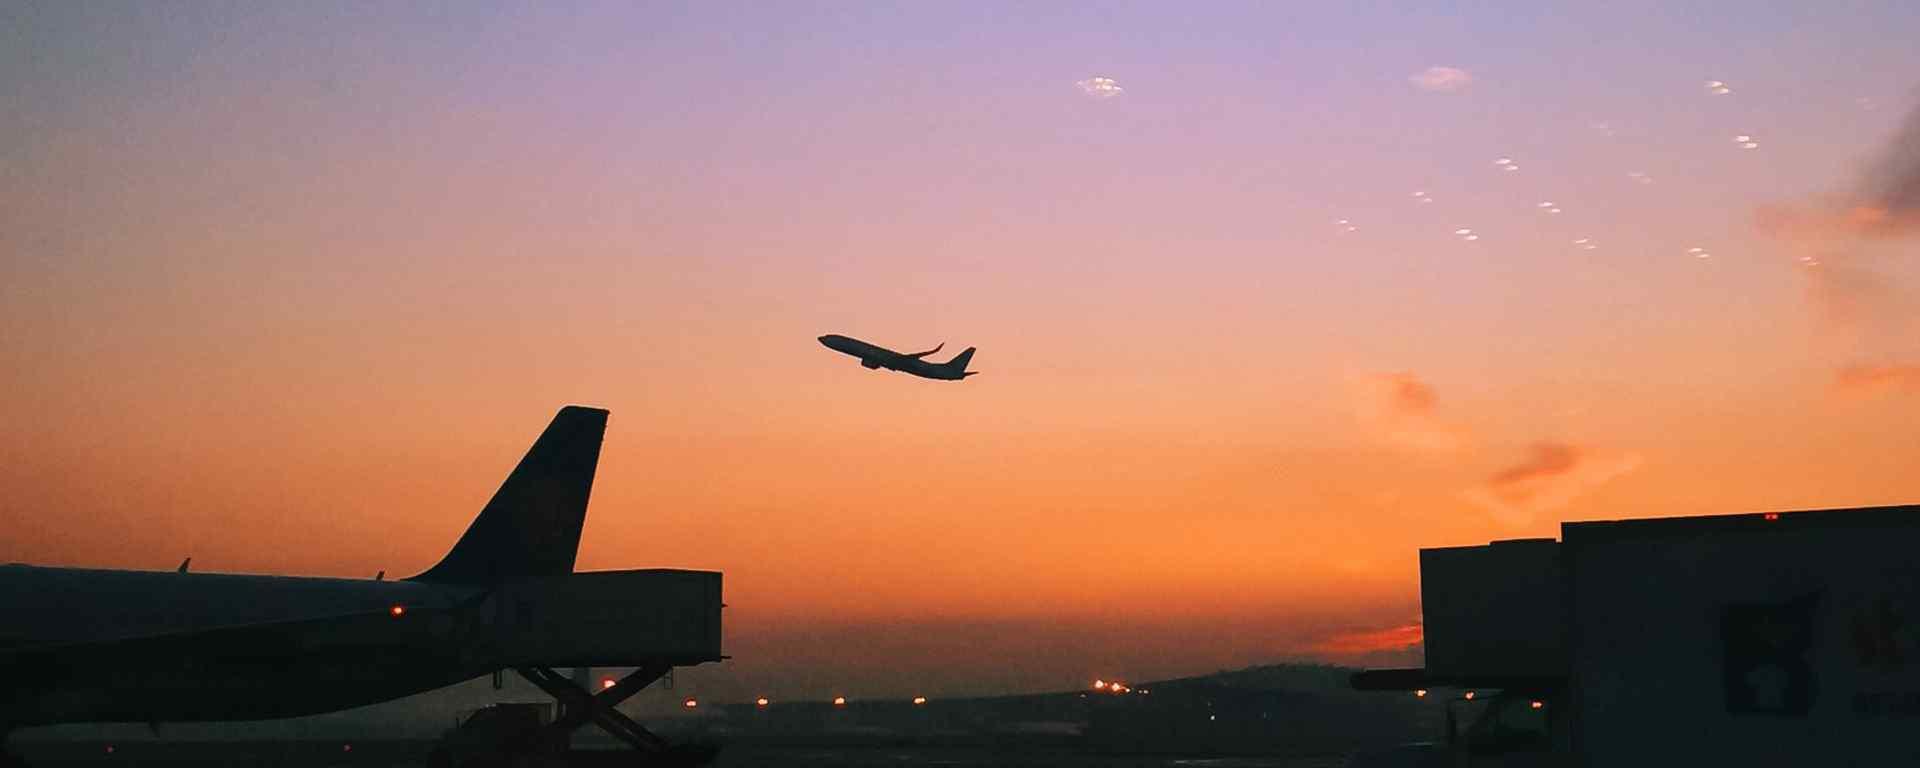 飞机_飞机图片_飞机上的风景_划过天空的飞机_旅途的风景文艺清新图片壁纸